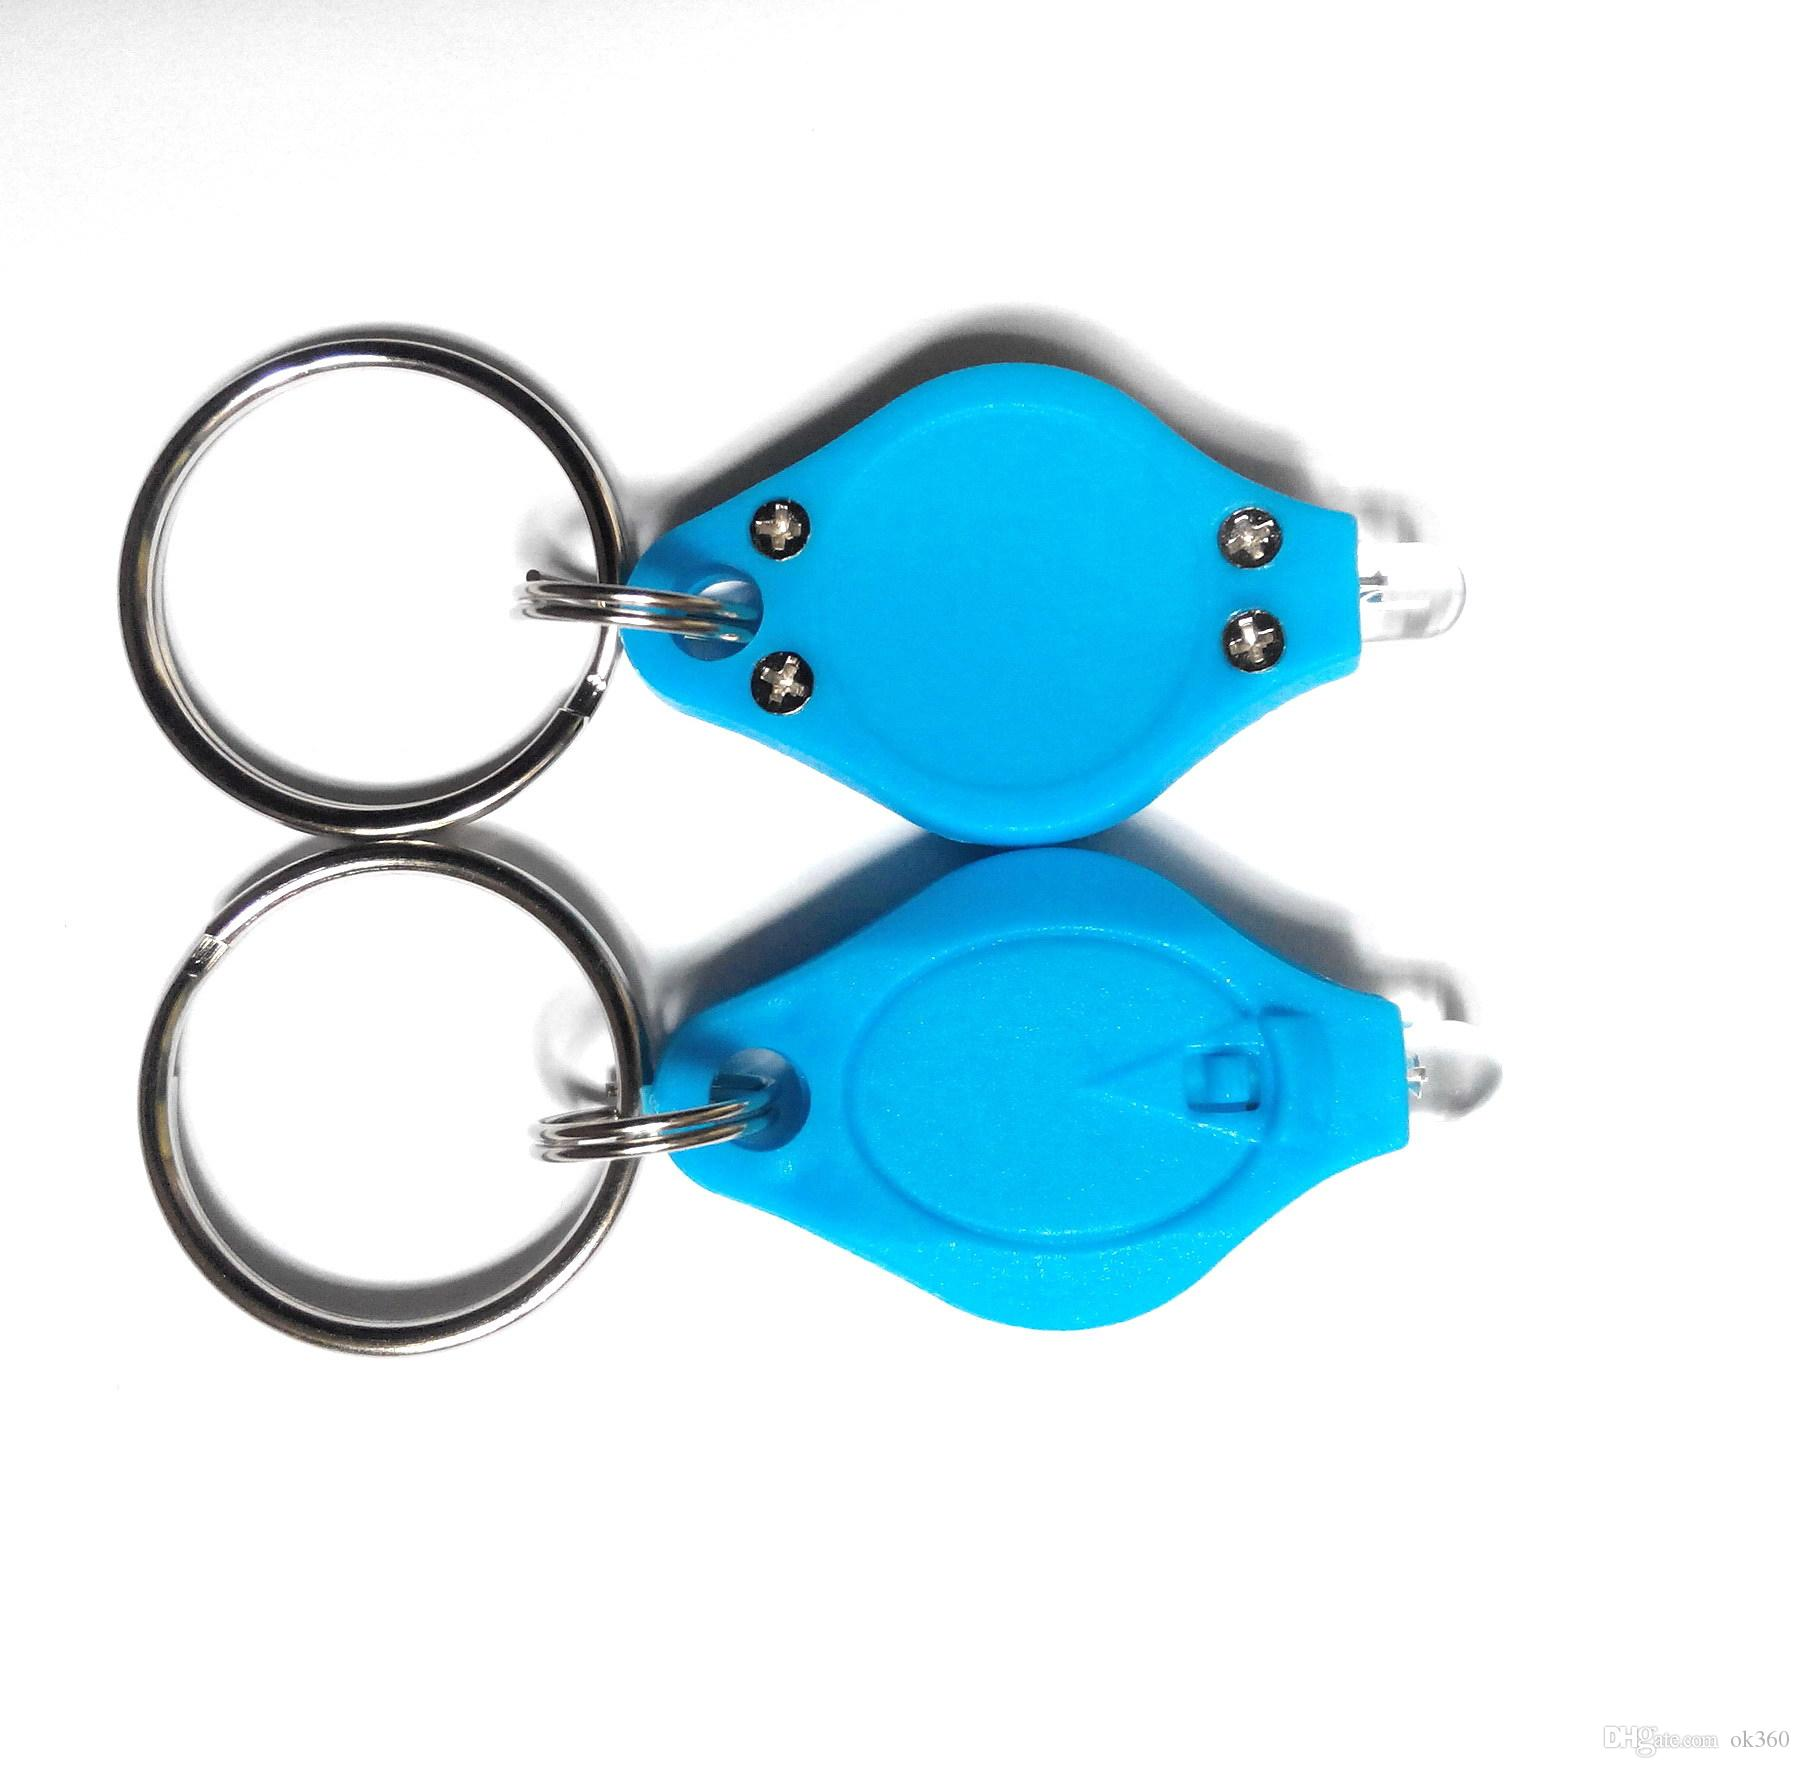 LED blanche UV Trousseau Light Mini lampe de poche LED porte-clés clés de voiture Accessoires 2 Micro lumière LED Flashlight Keychain Mini Couleurs Lumière